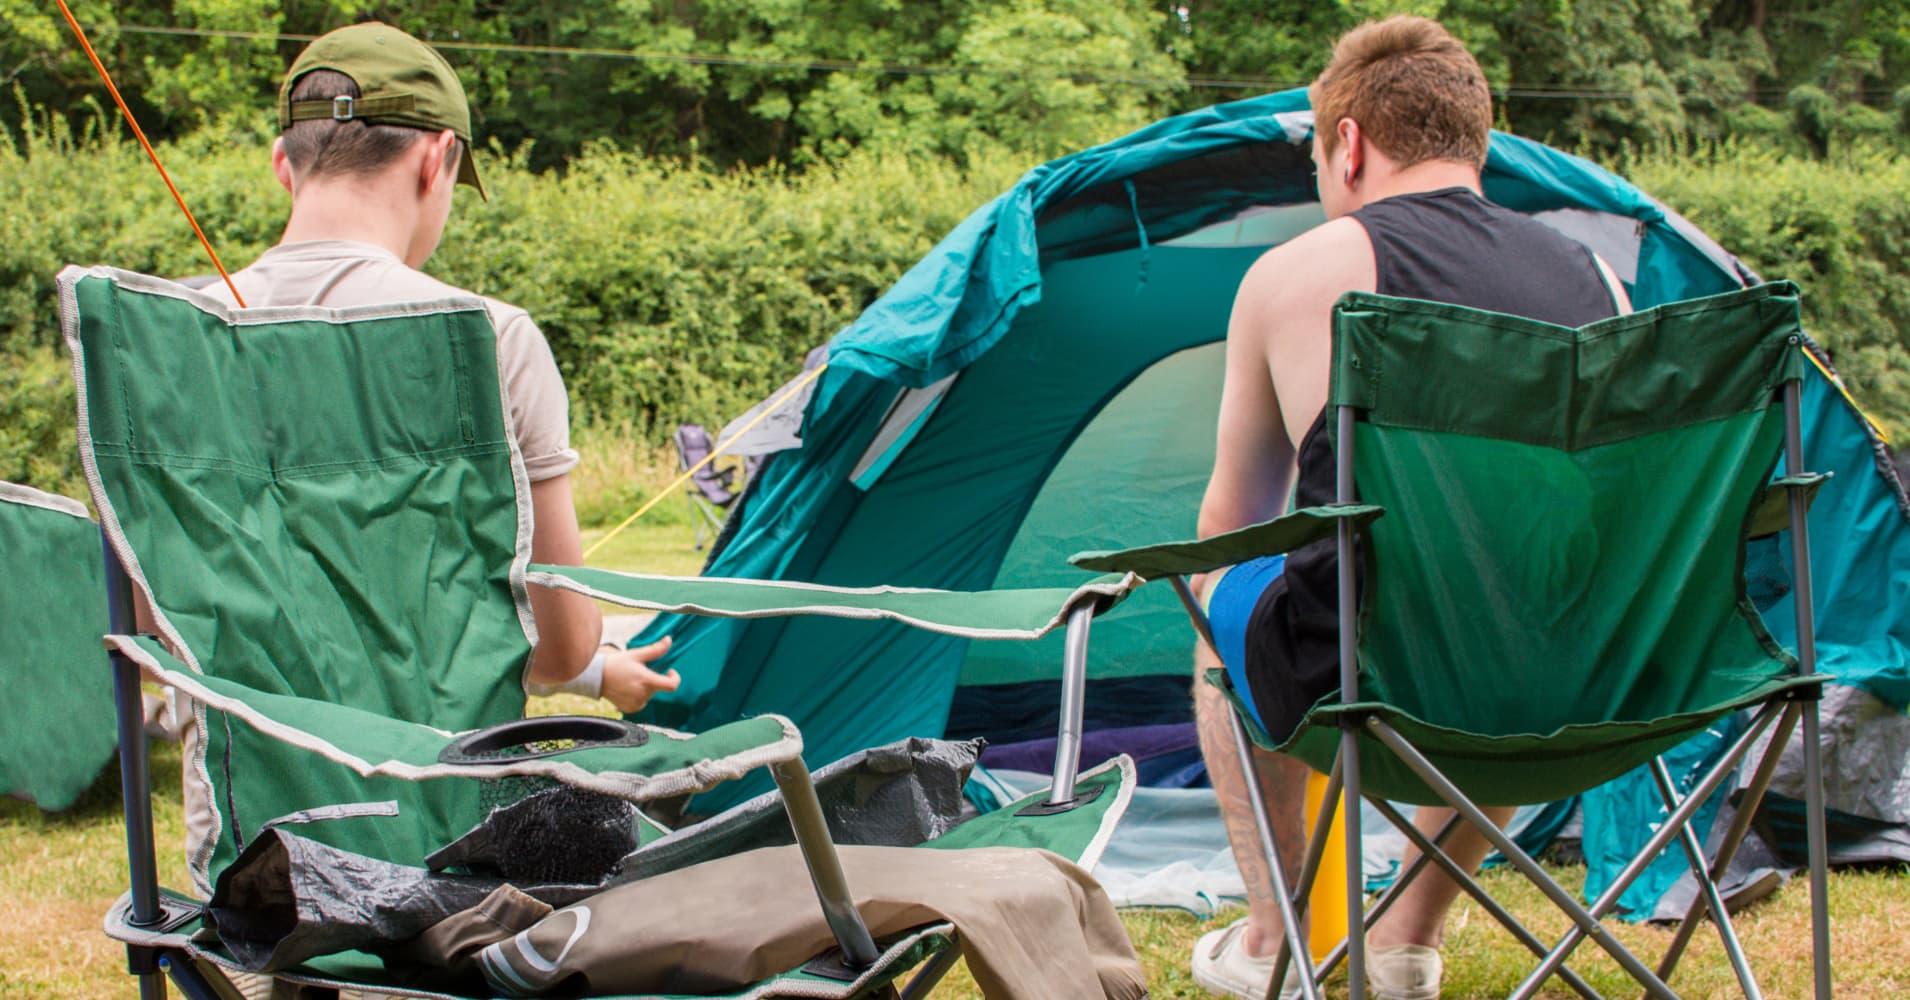 men enjoying the camping trip